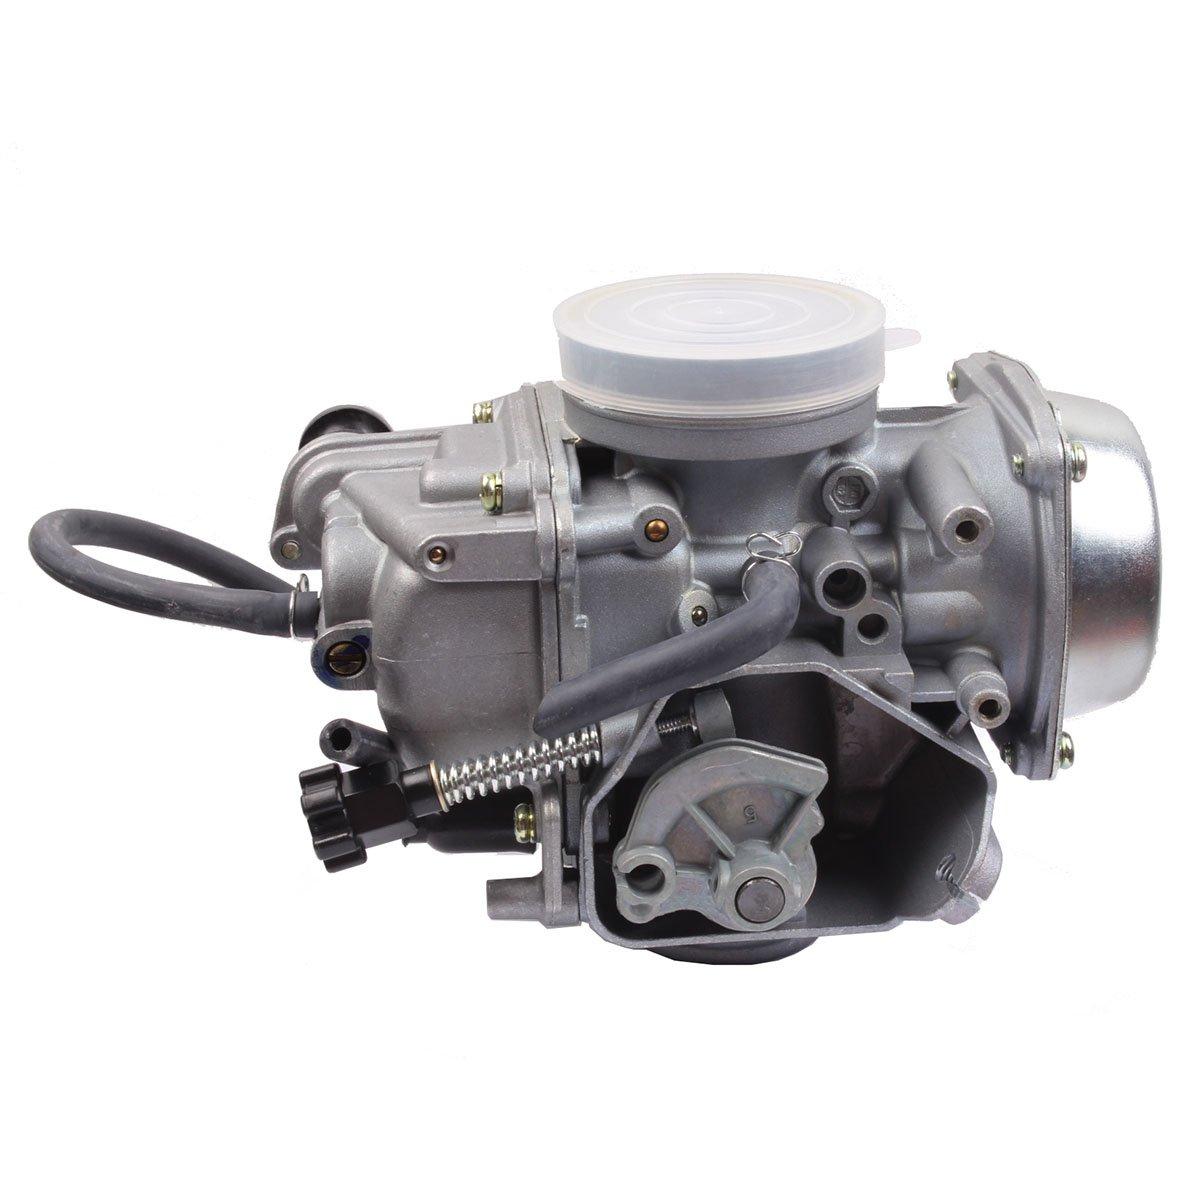 HONDA TRX350 ATV CARBURETOR TRX 350 RANCHER 350ES/FE/FMTE/TM/CARB 2000-2006 TRX300 1988-2000 TRX400 TRX 400FW Foreman CARB, TRX 450 Carburetor TRX450FE 450FE FE Foreman CARB by BETOOLL (Image #3)